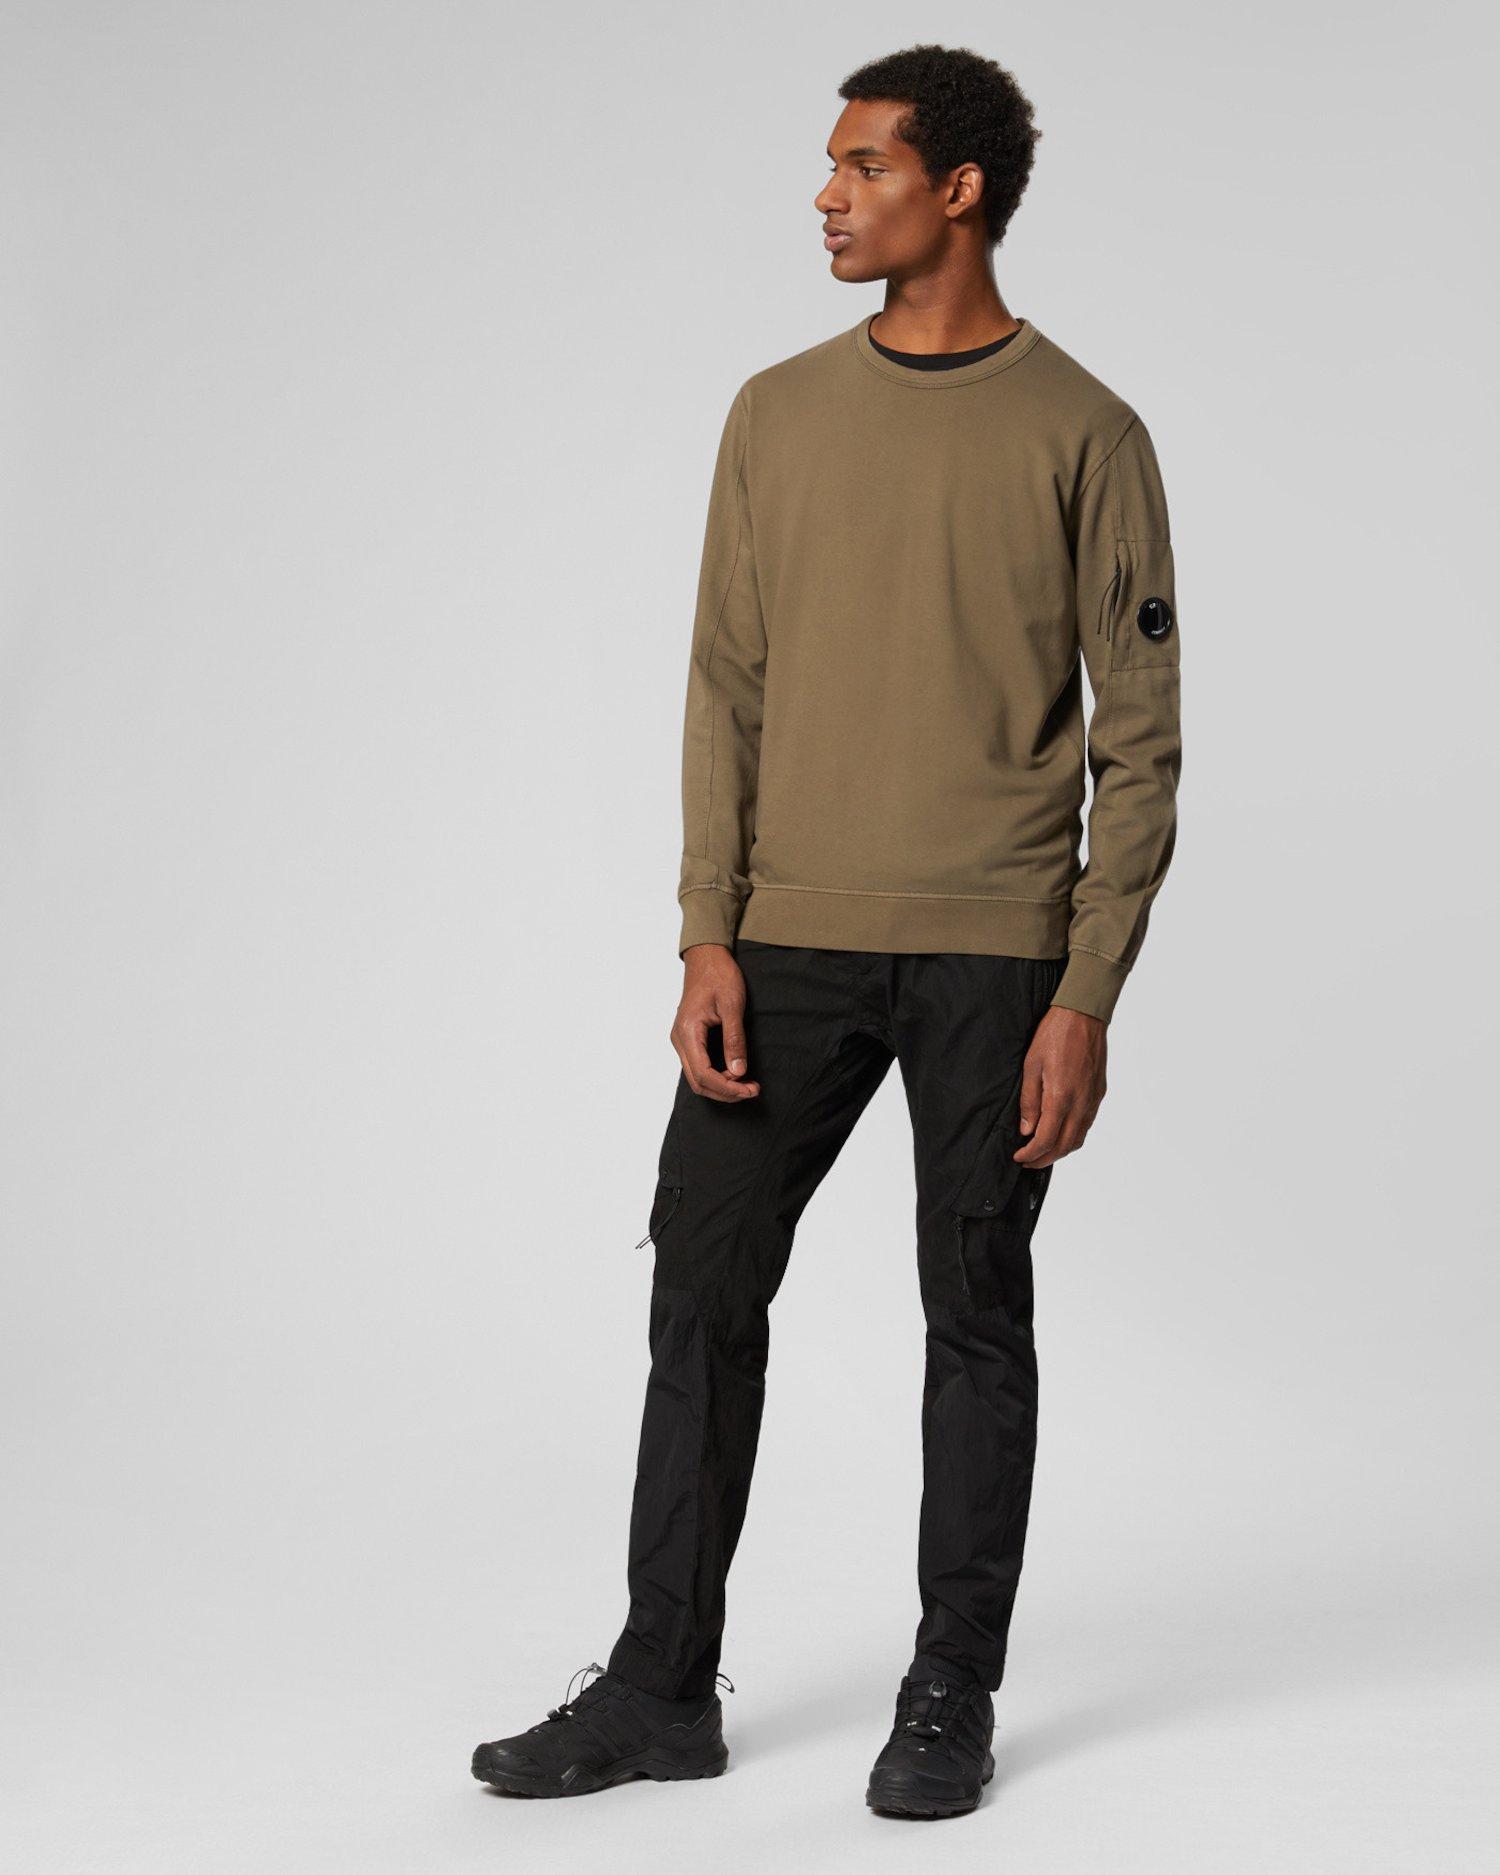 Stückgefärbtes Sweatshirt aus leichtem Fleece mit Rundhalsausschnitt